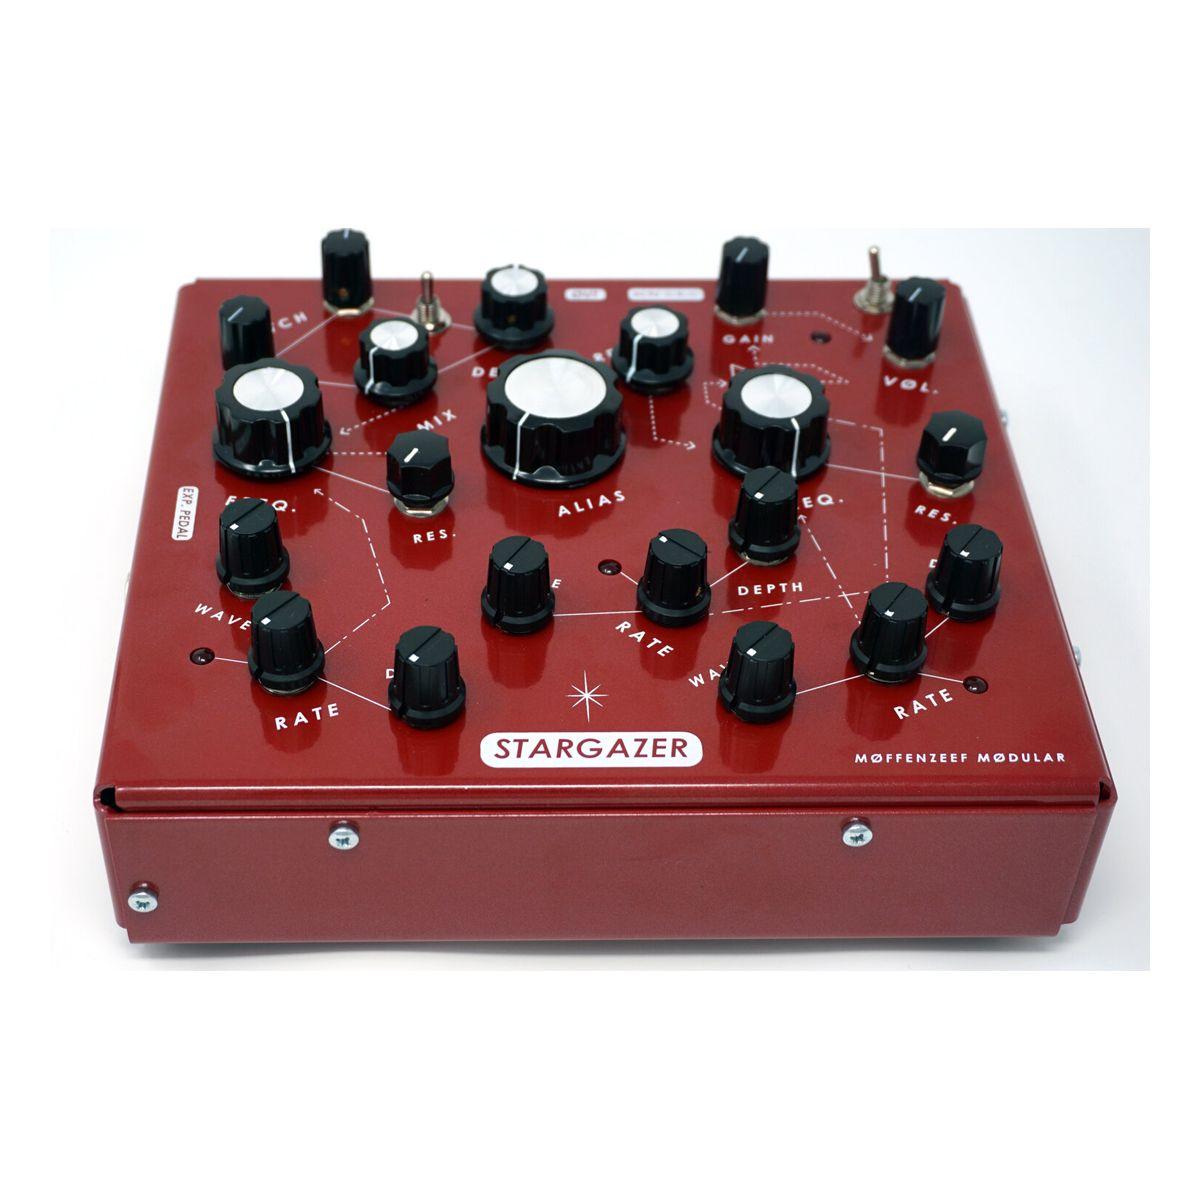 Moffenzeef Stargazer Desktop Wavetable Synth - Red